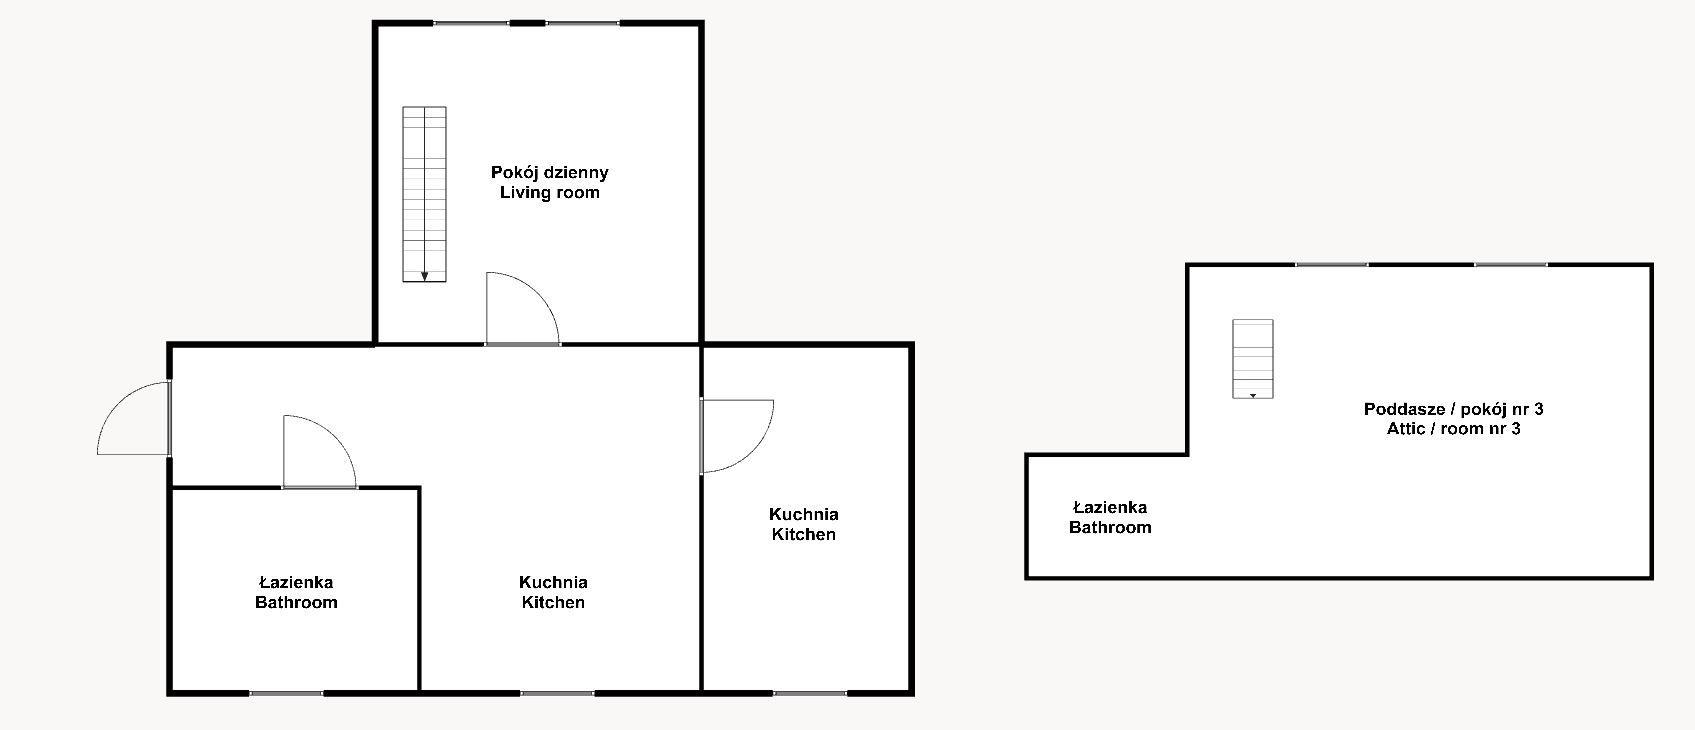 Apartment for Sale Wrocław, Fabryczna Wiejska St. Fabryczna/Oporów - 44 m2 + drugi poziom 20 m2 floorplan